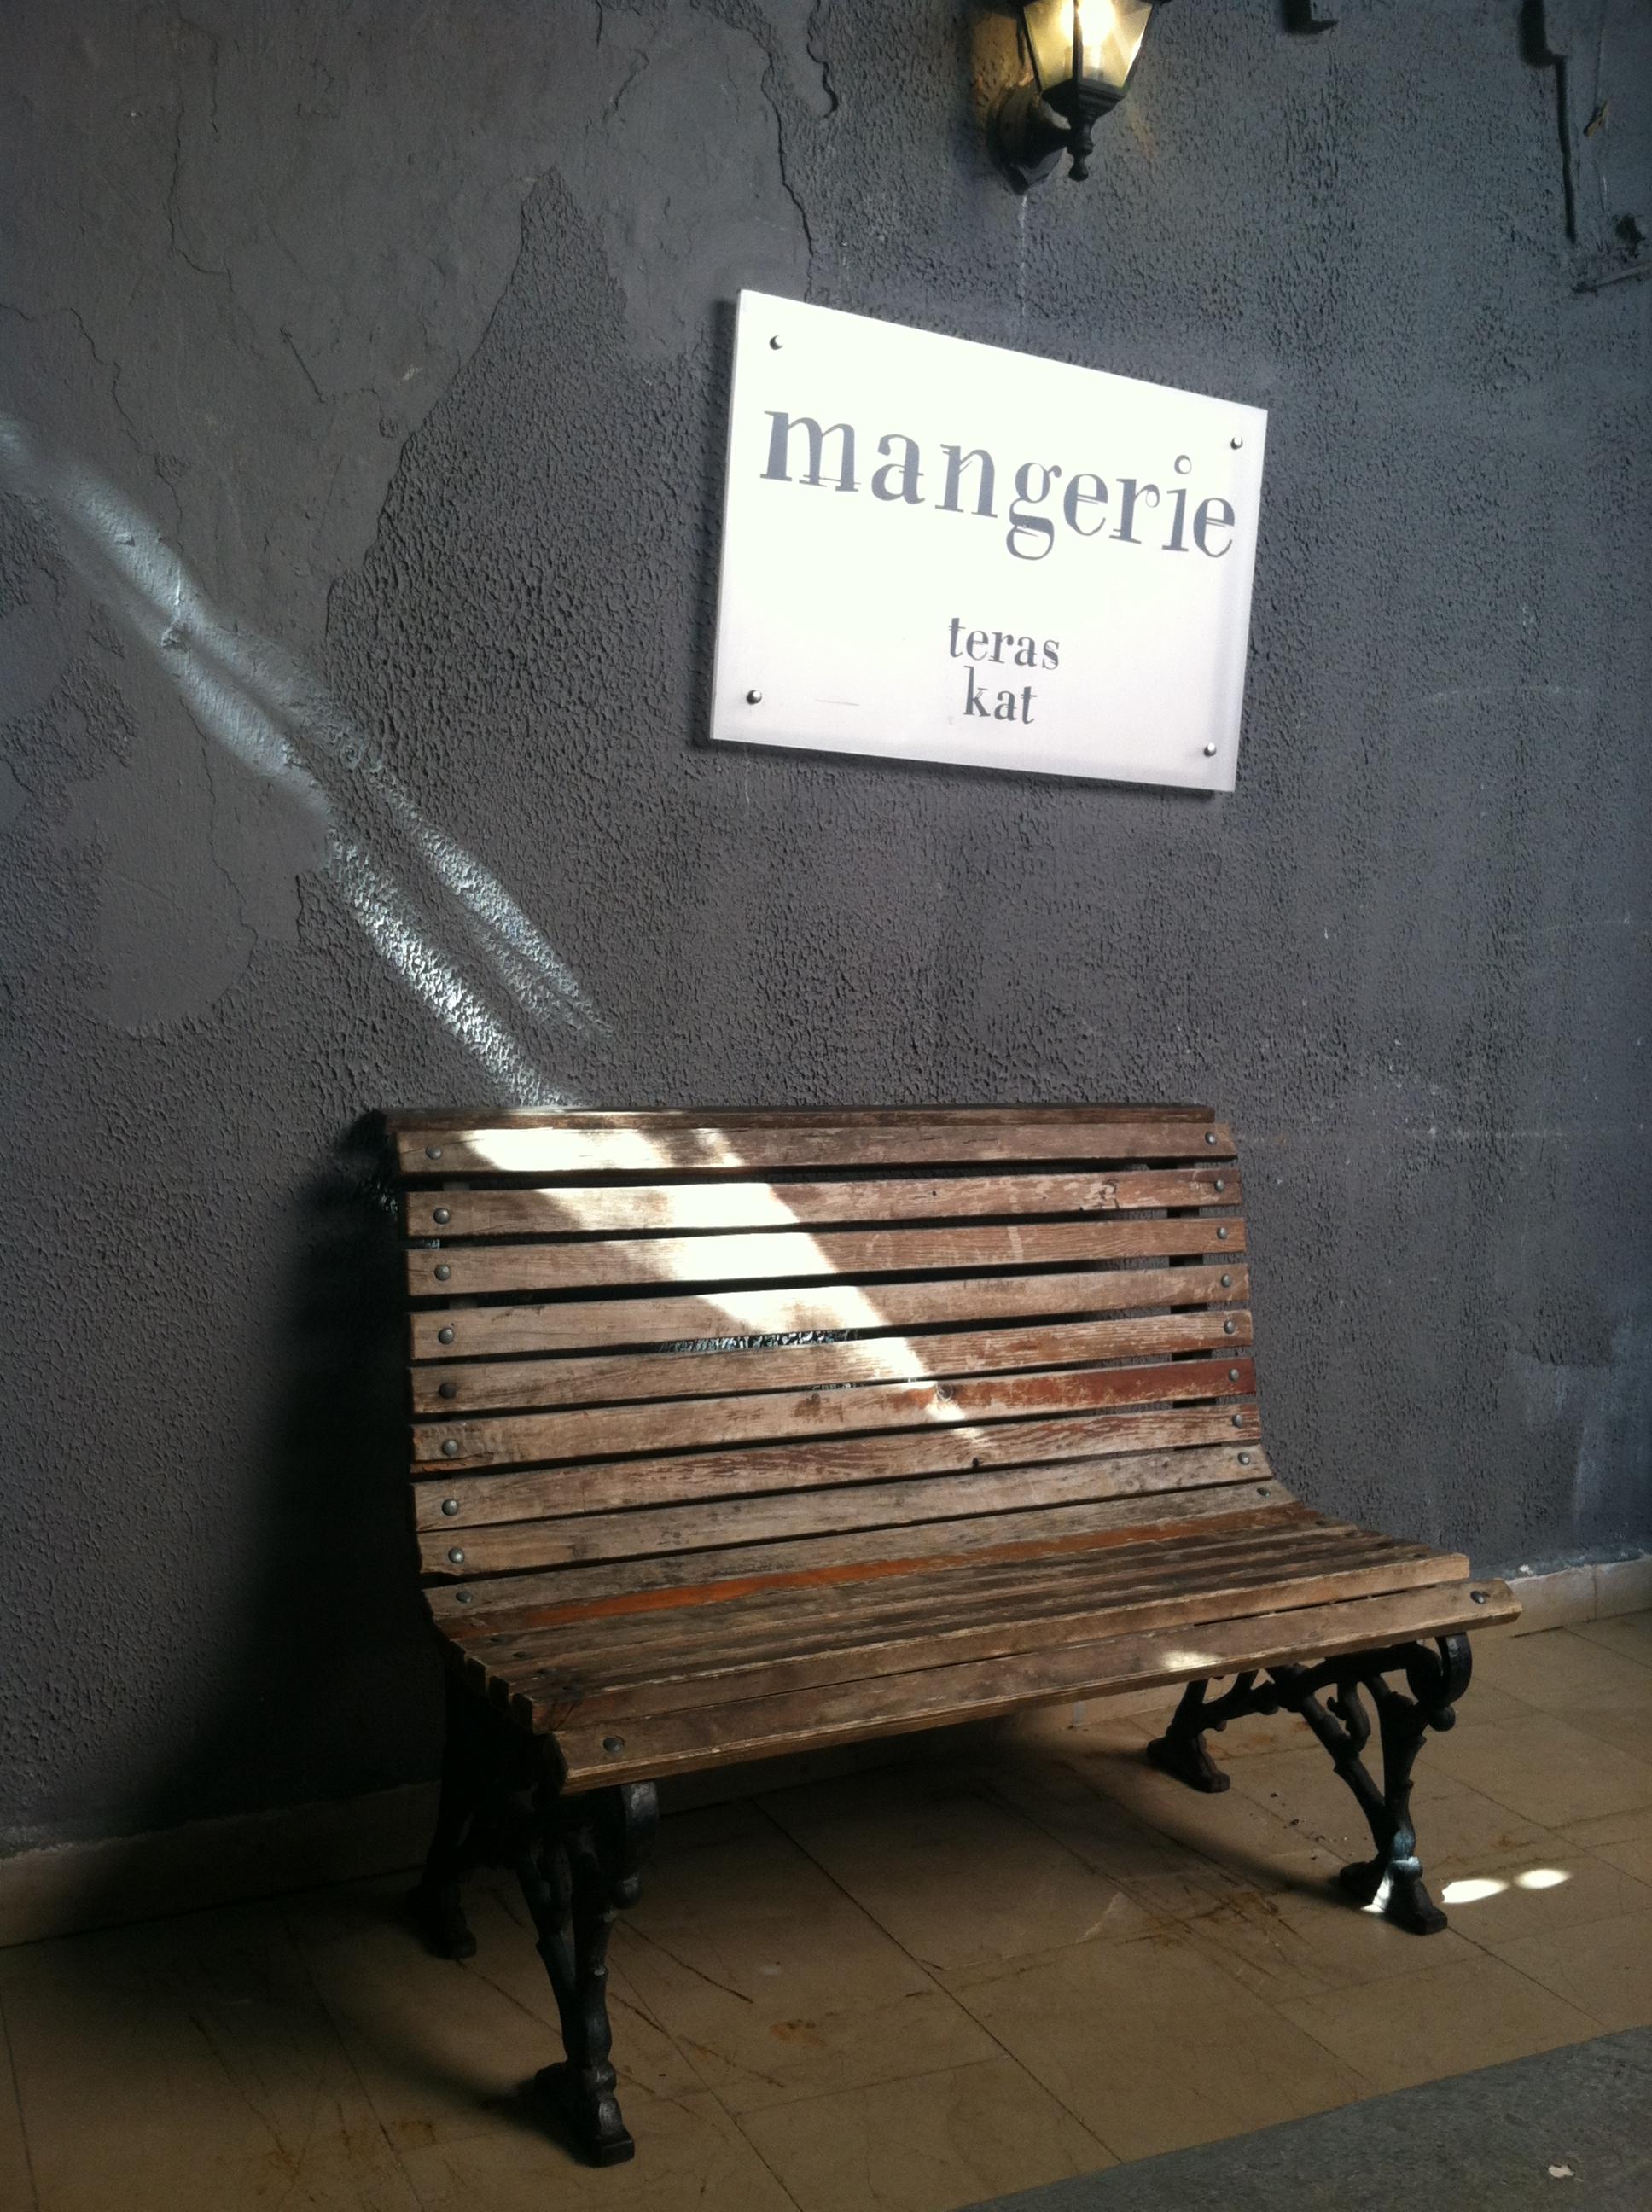 Mangerie